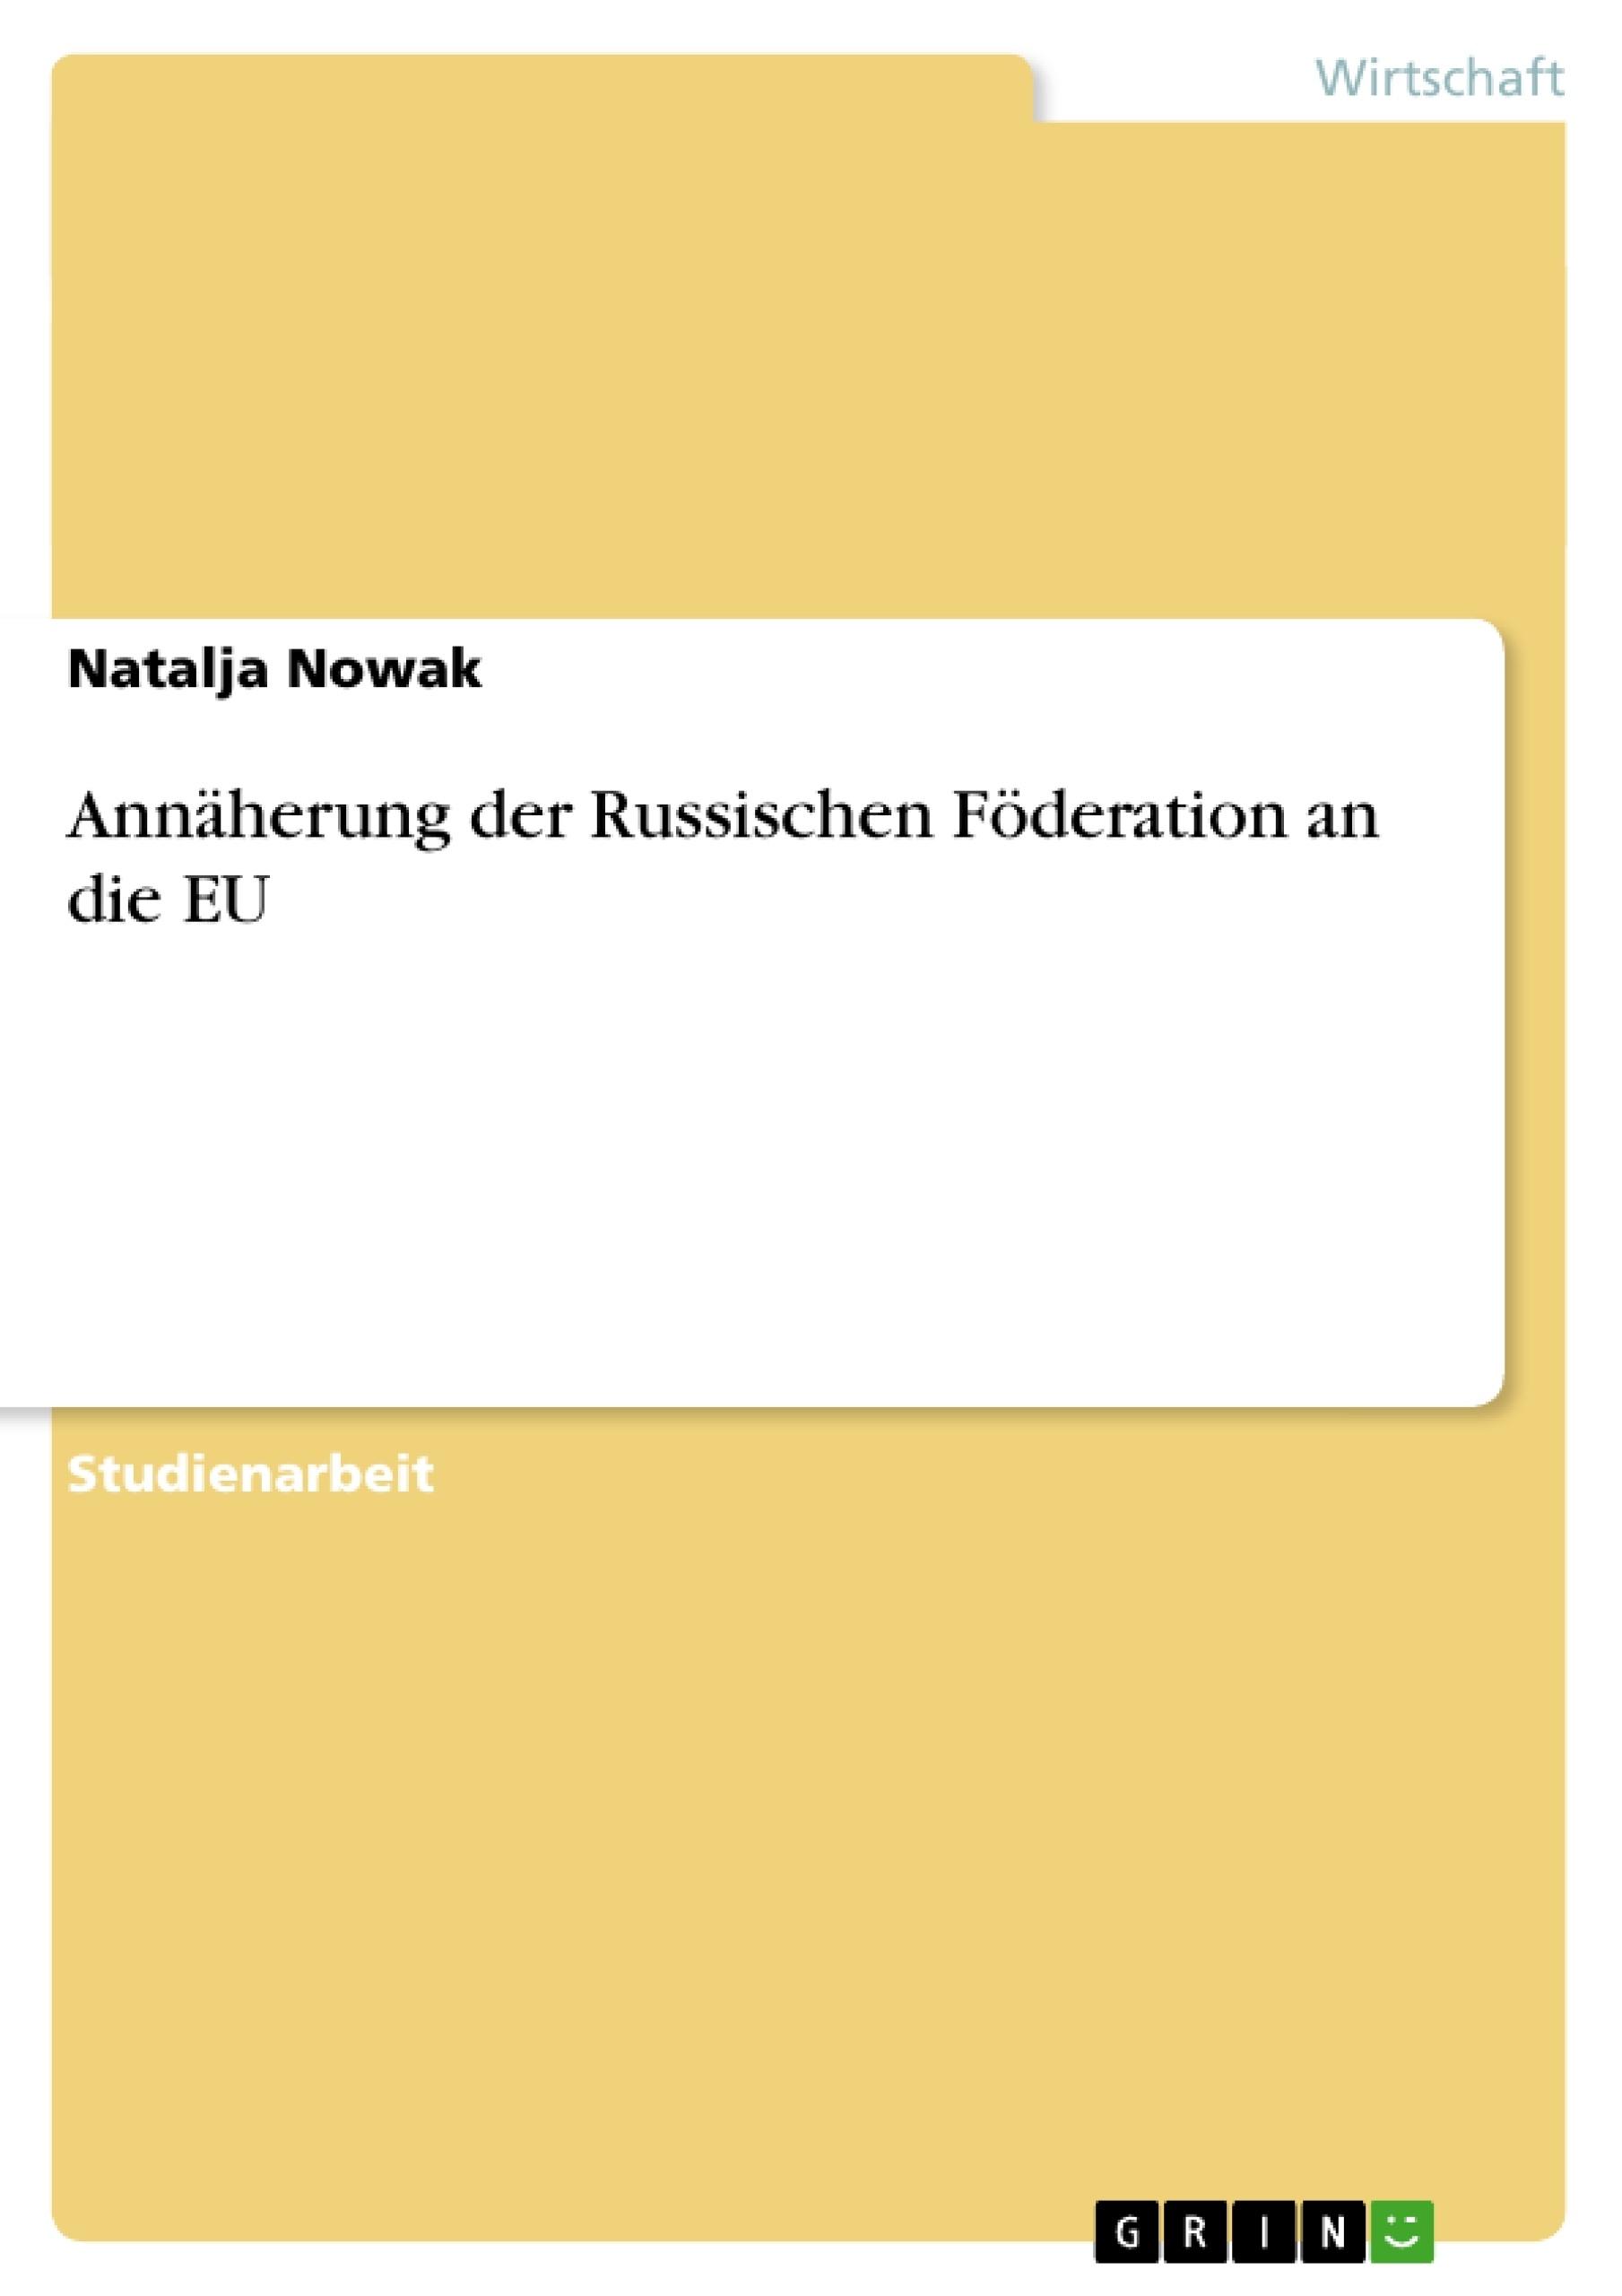 Titel: Annäherung der Russischen Föderation an die EU